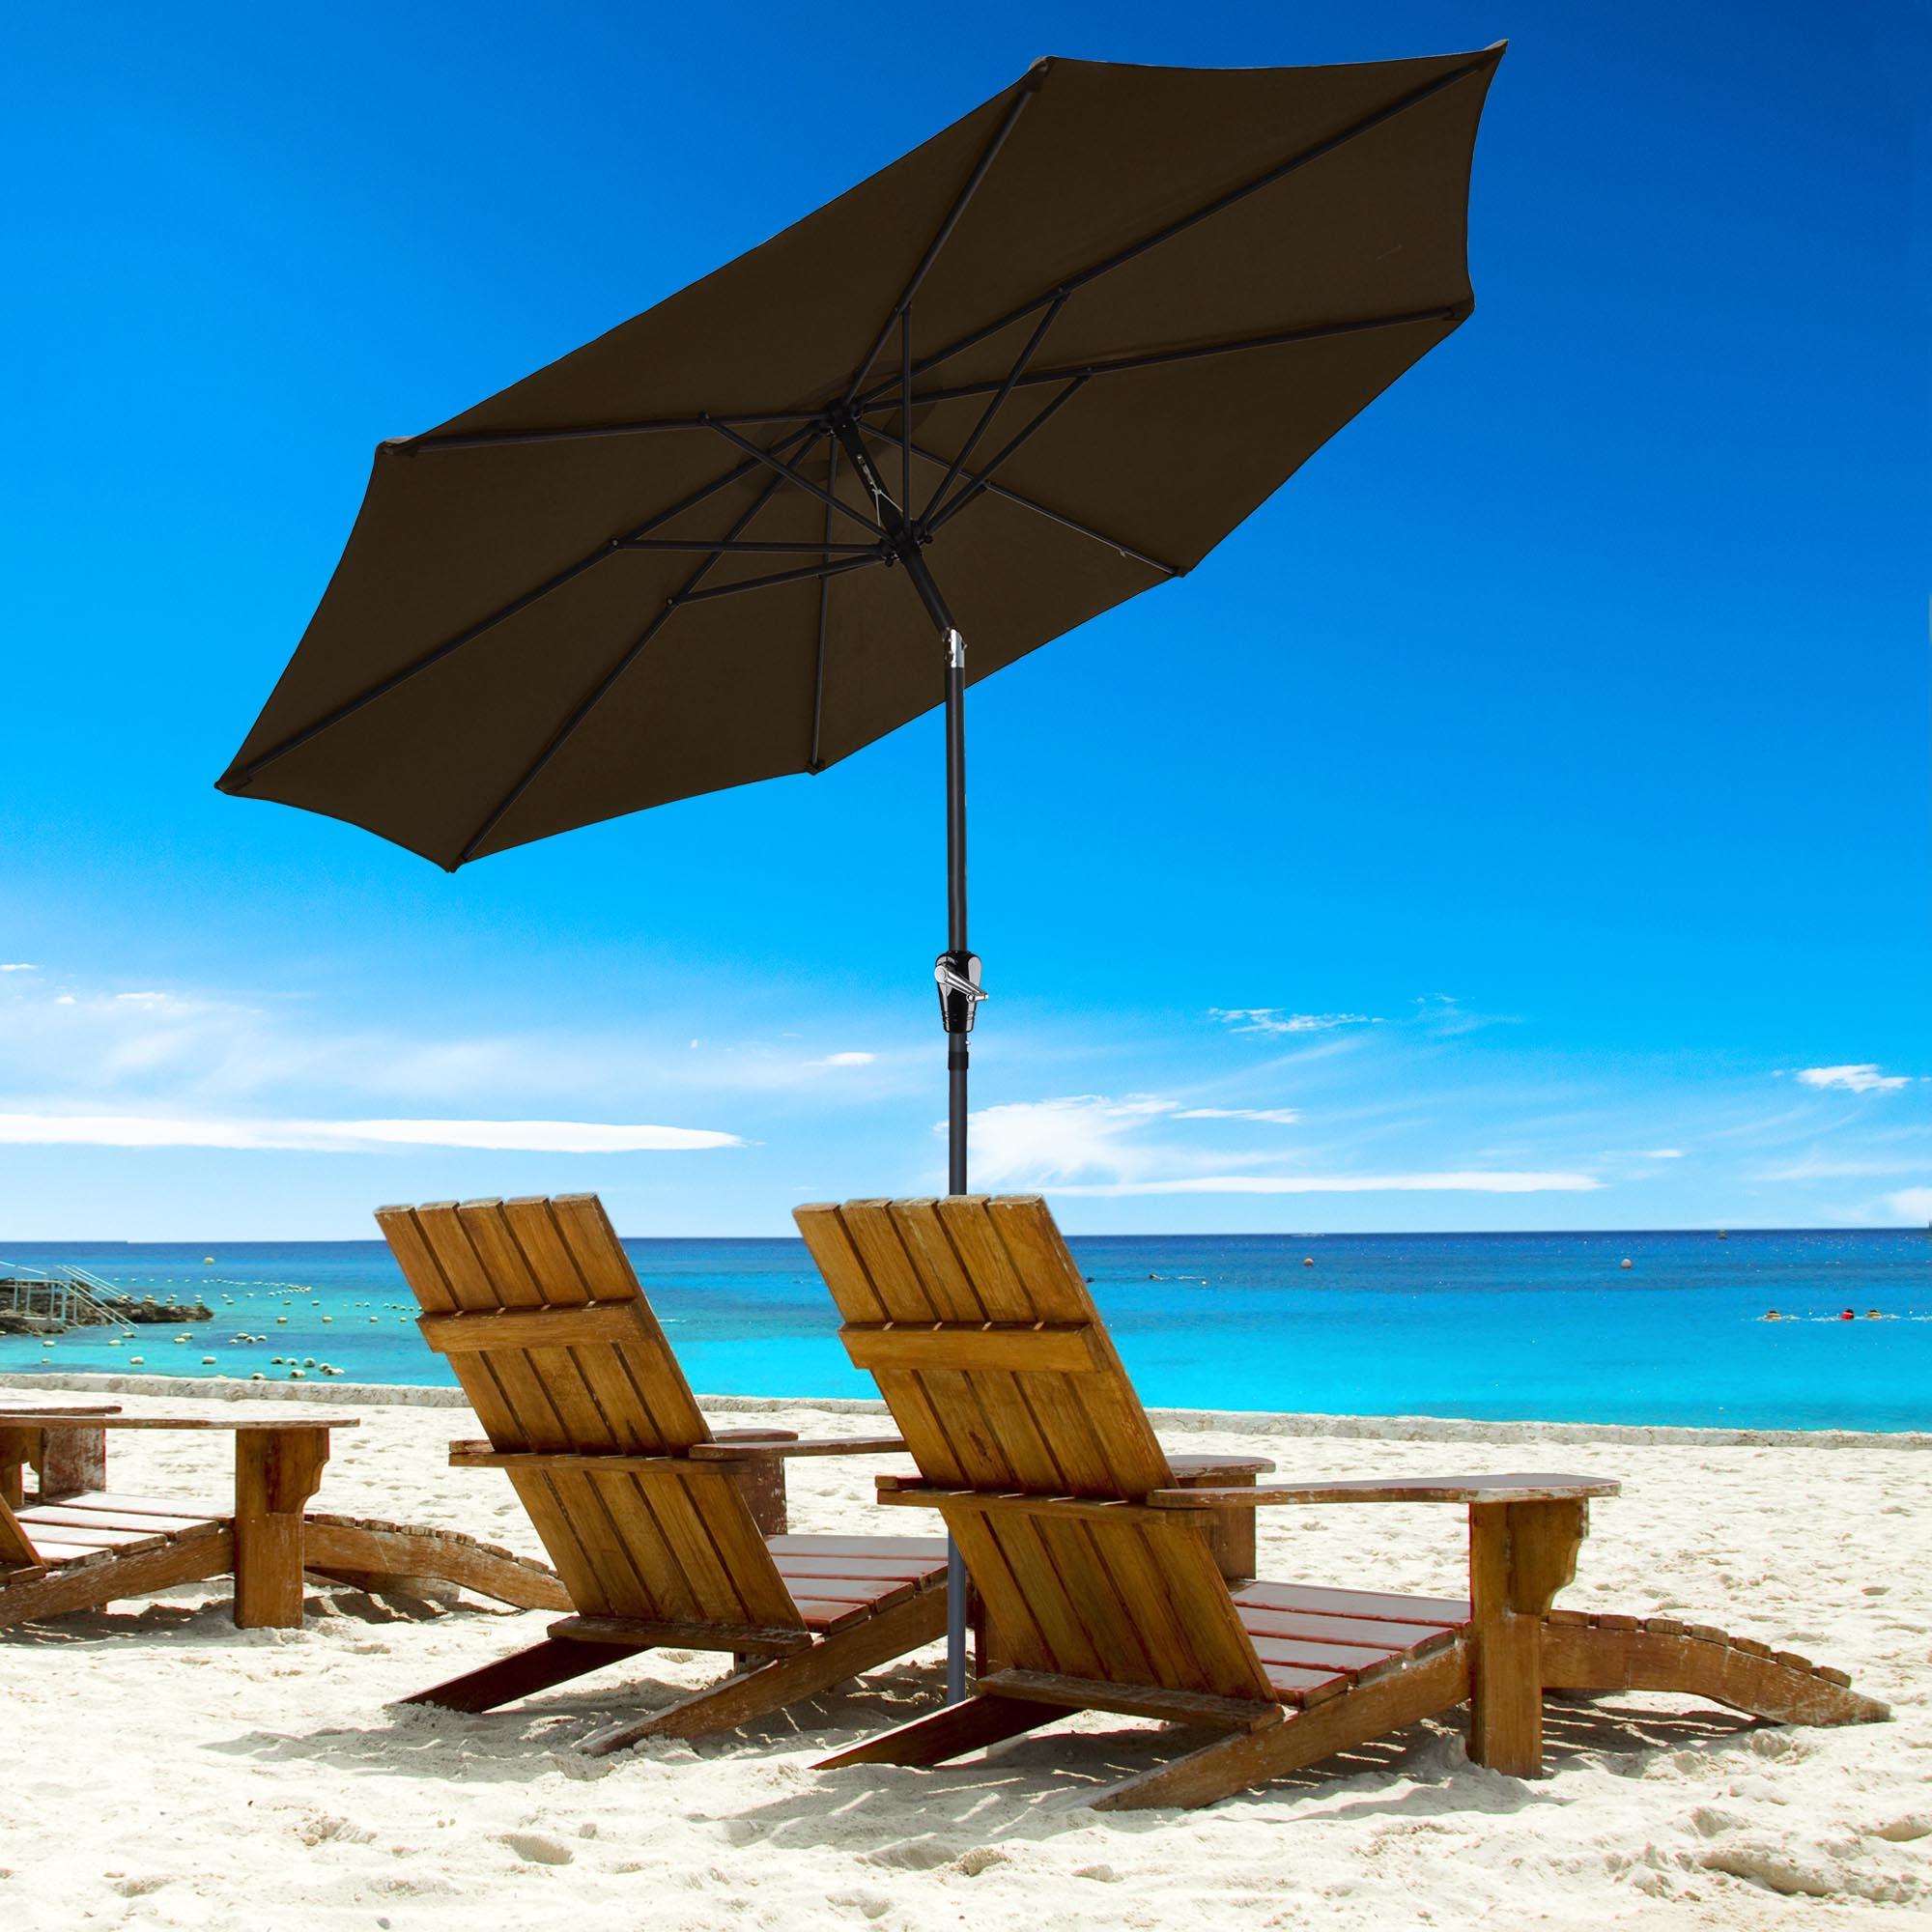 thumbnail 61 - 9' Outdoor Umbrella Patio 8 Ribs Market Garden Crank Tilt Beach Sunshade Parasol